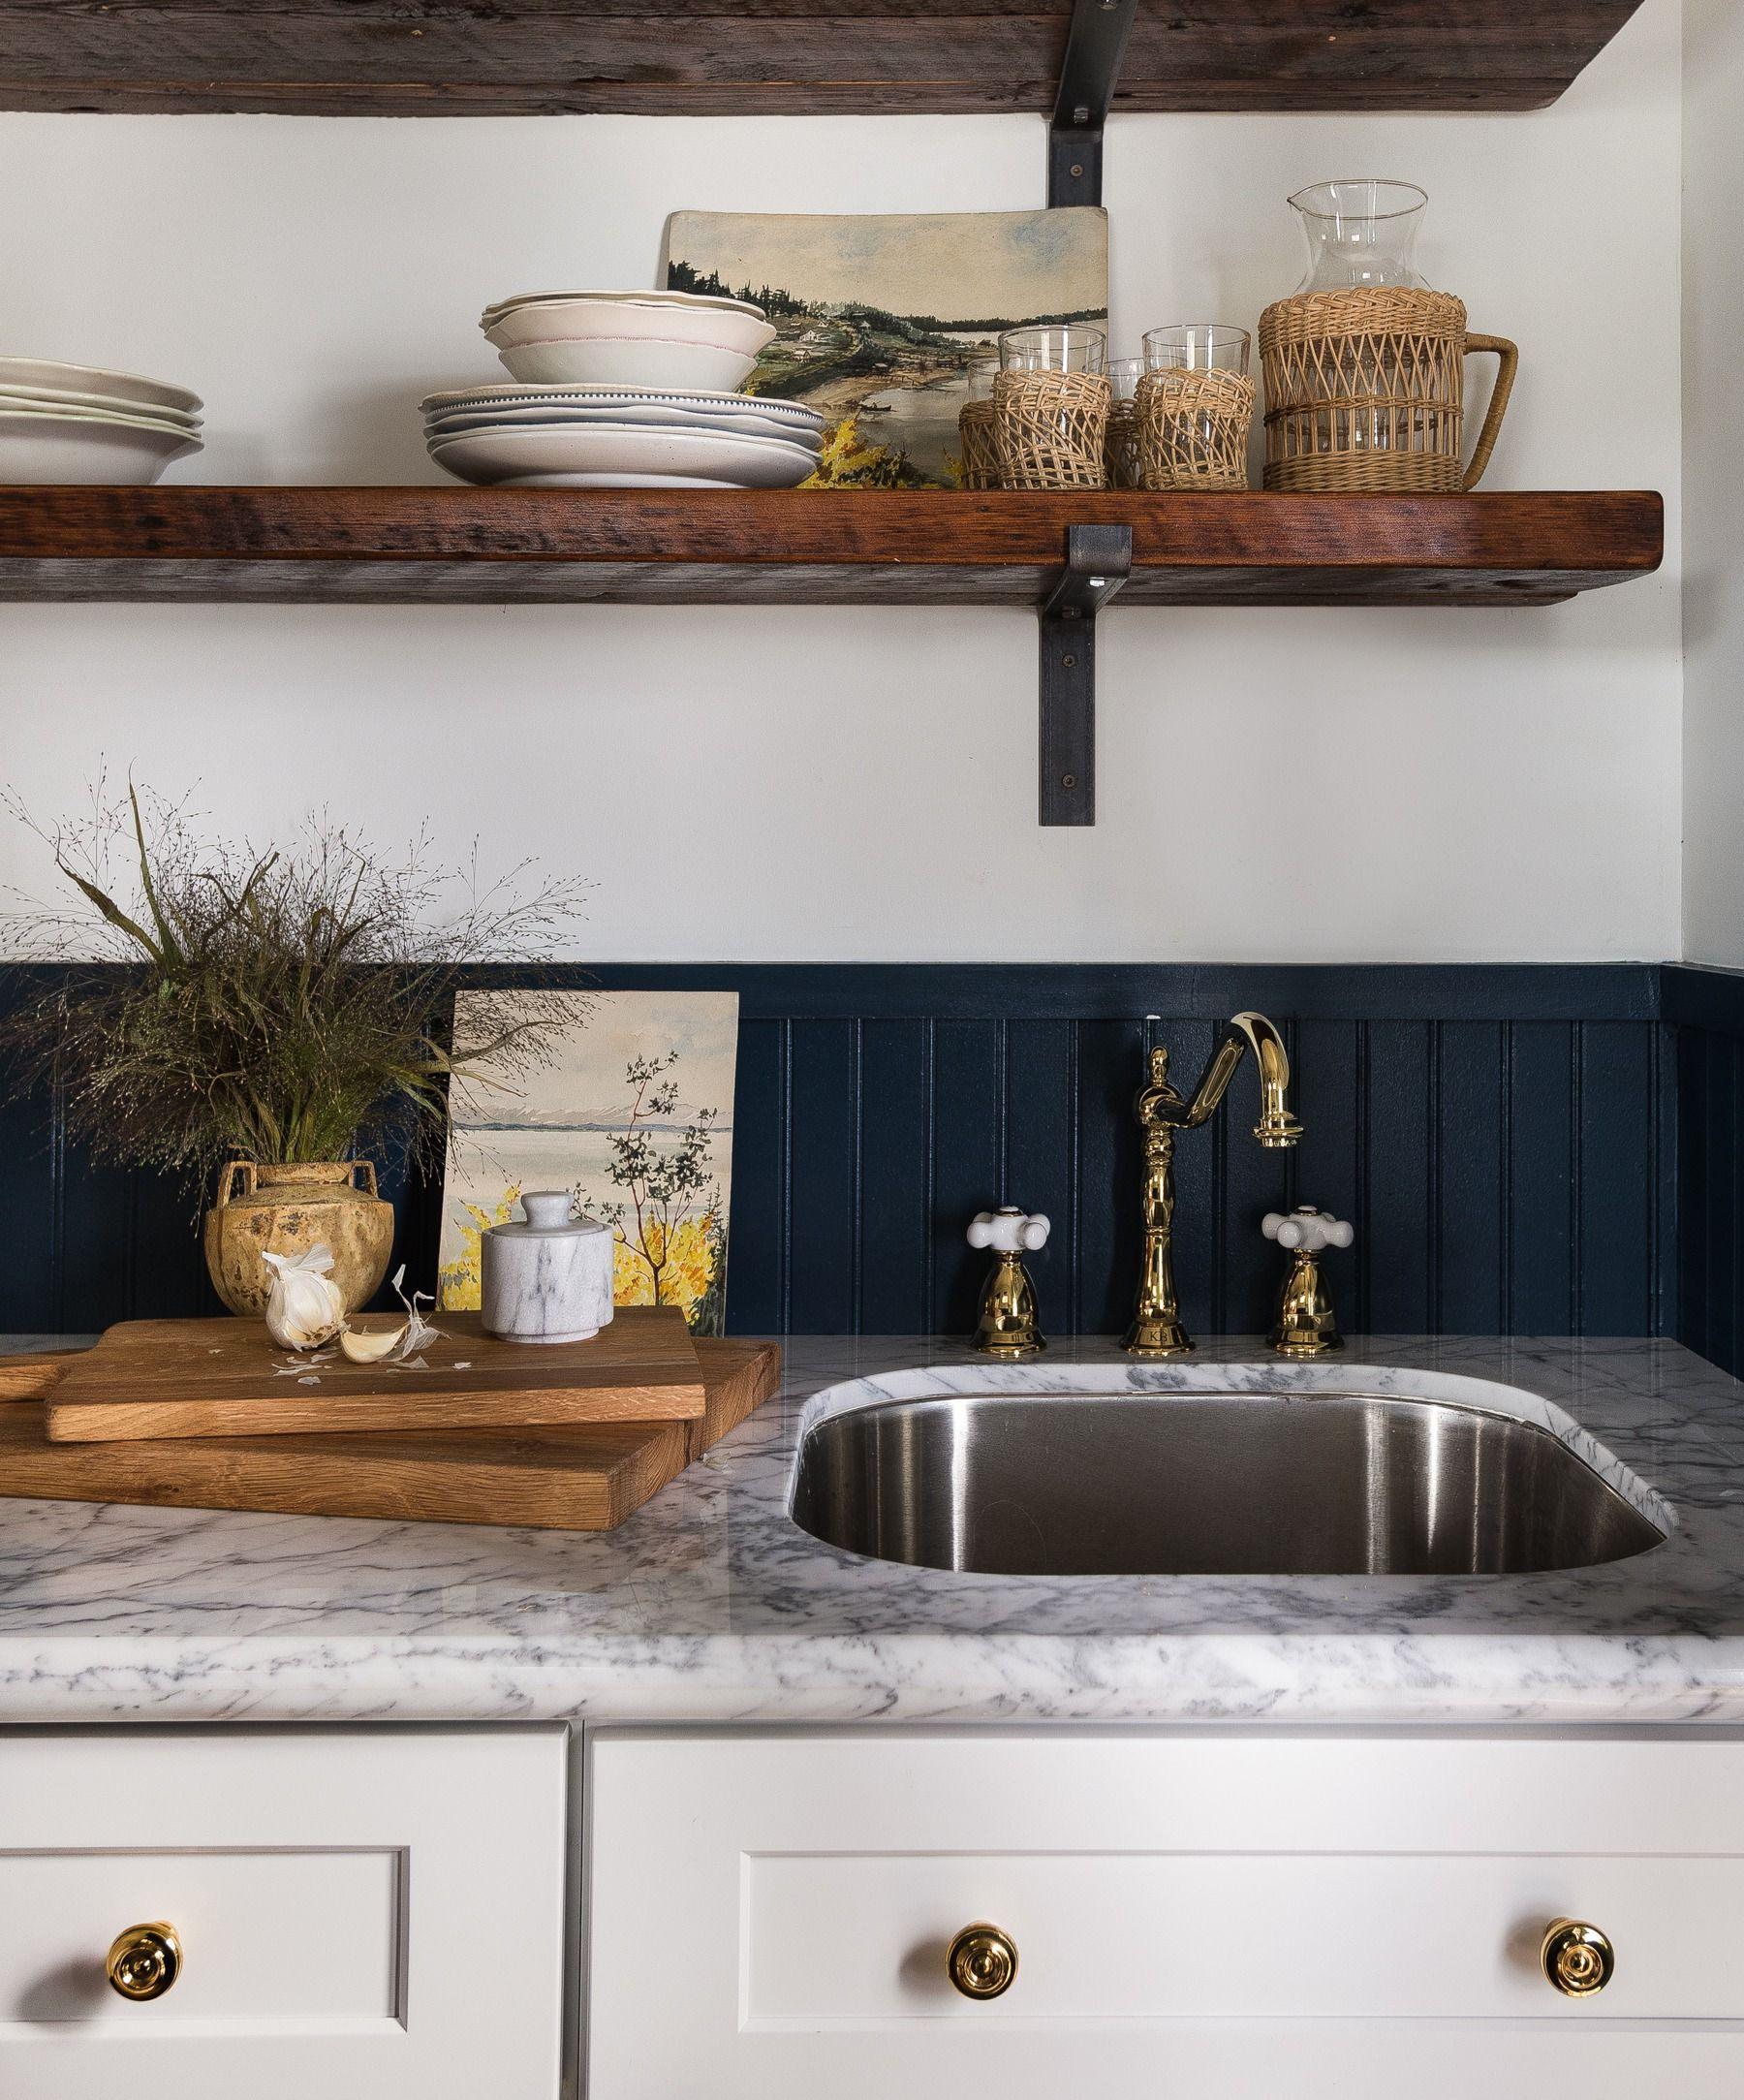 The Cabin + The Snug | Heidi Caillier | Home decor kitchen ...